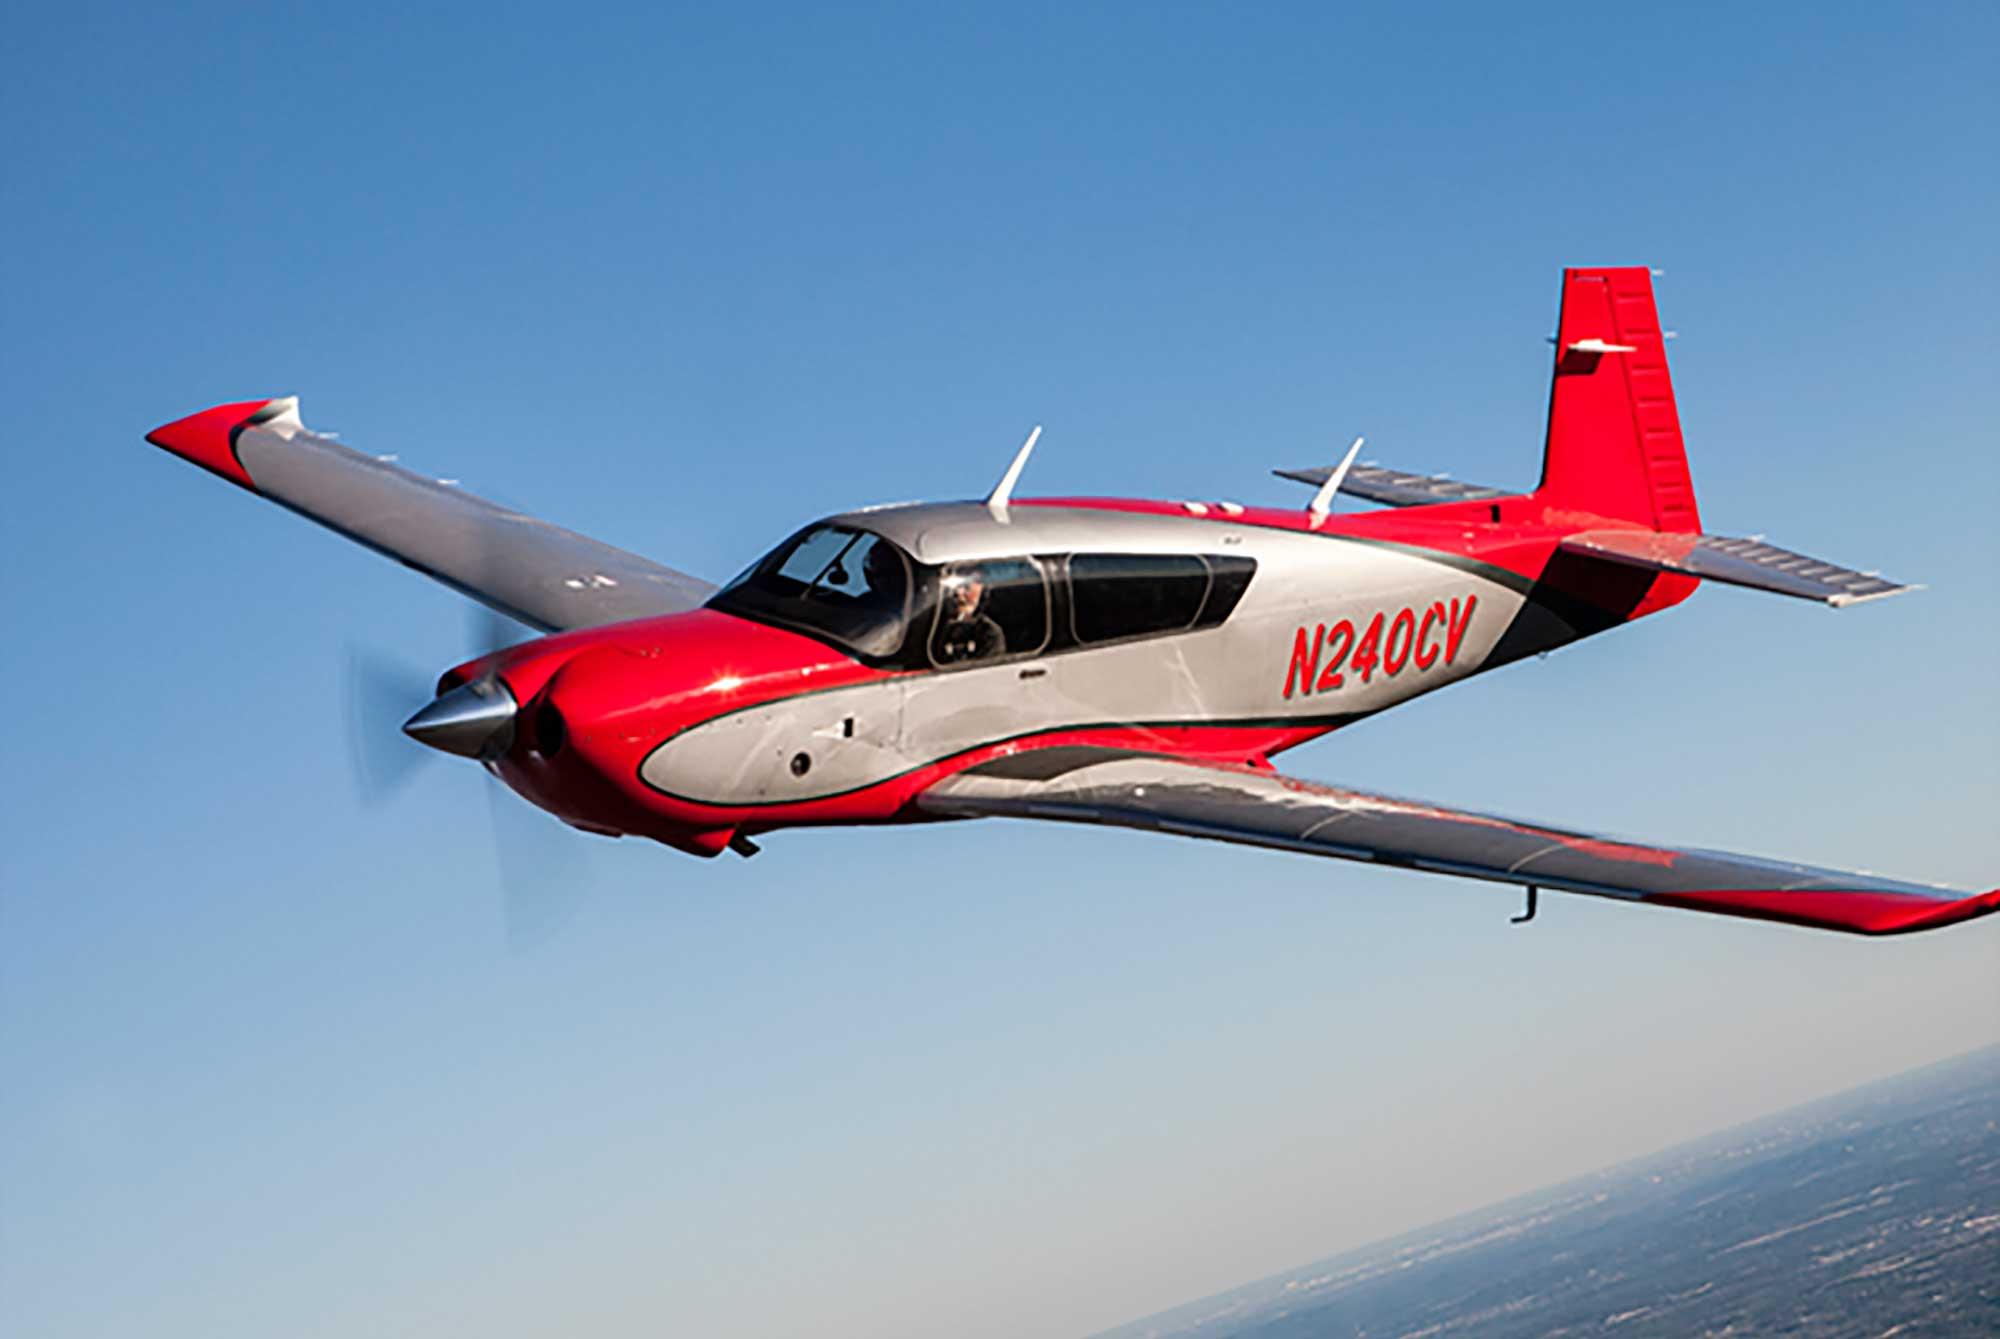 Mooney Rolls Out Major Updates For M20v Ultra Flyer